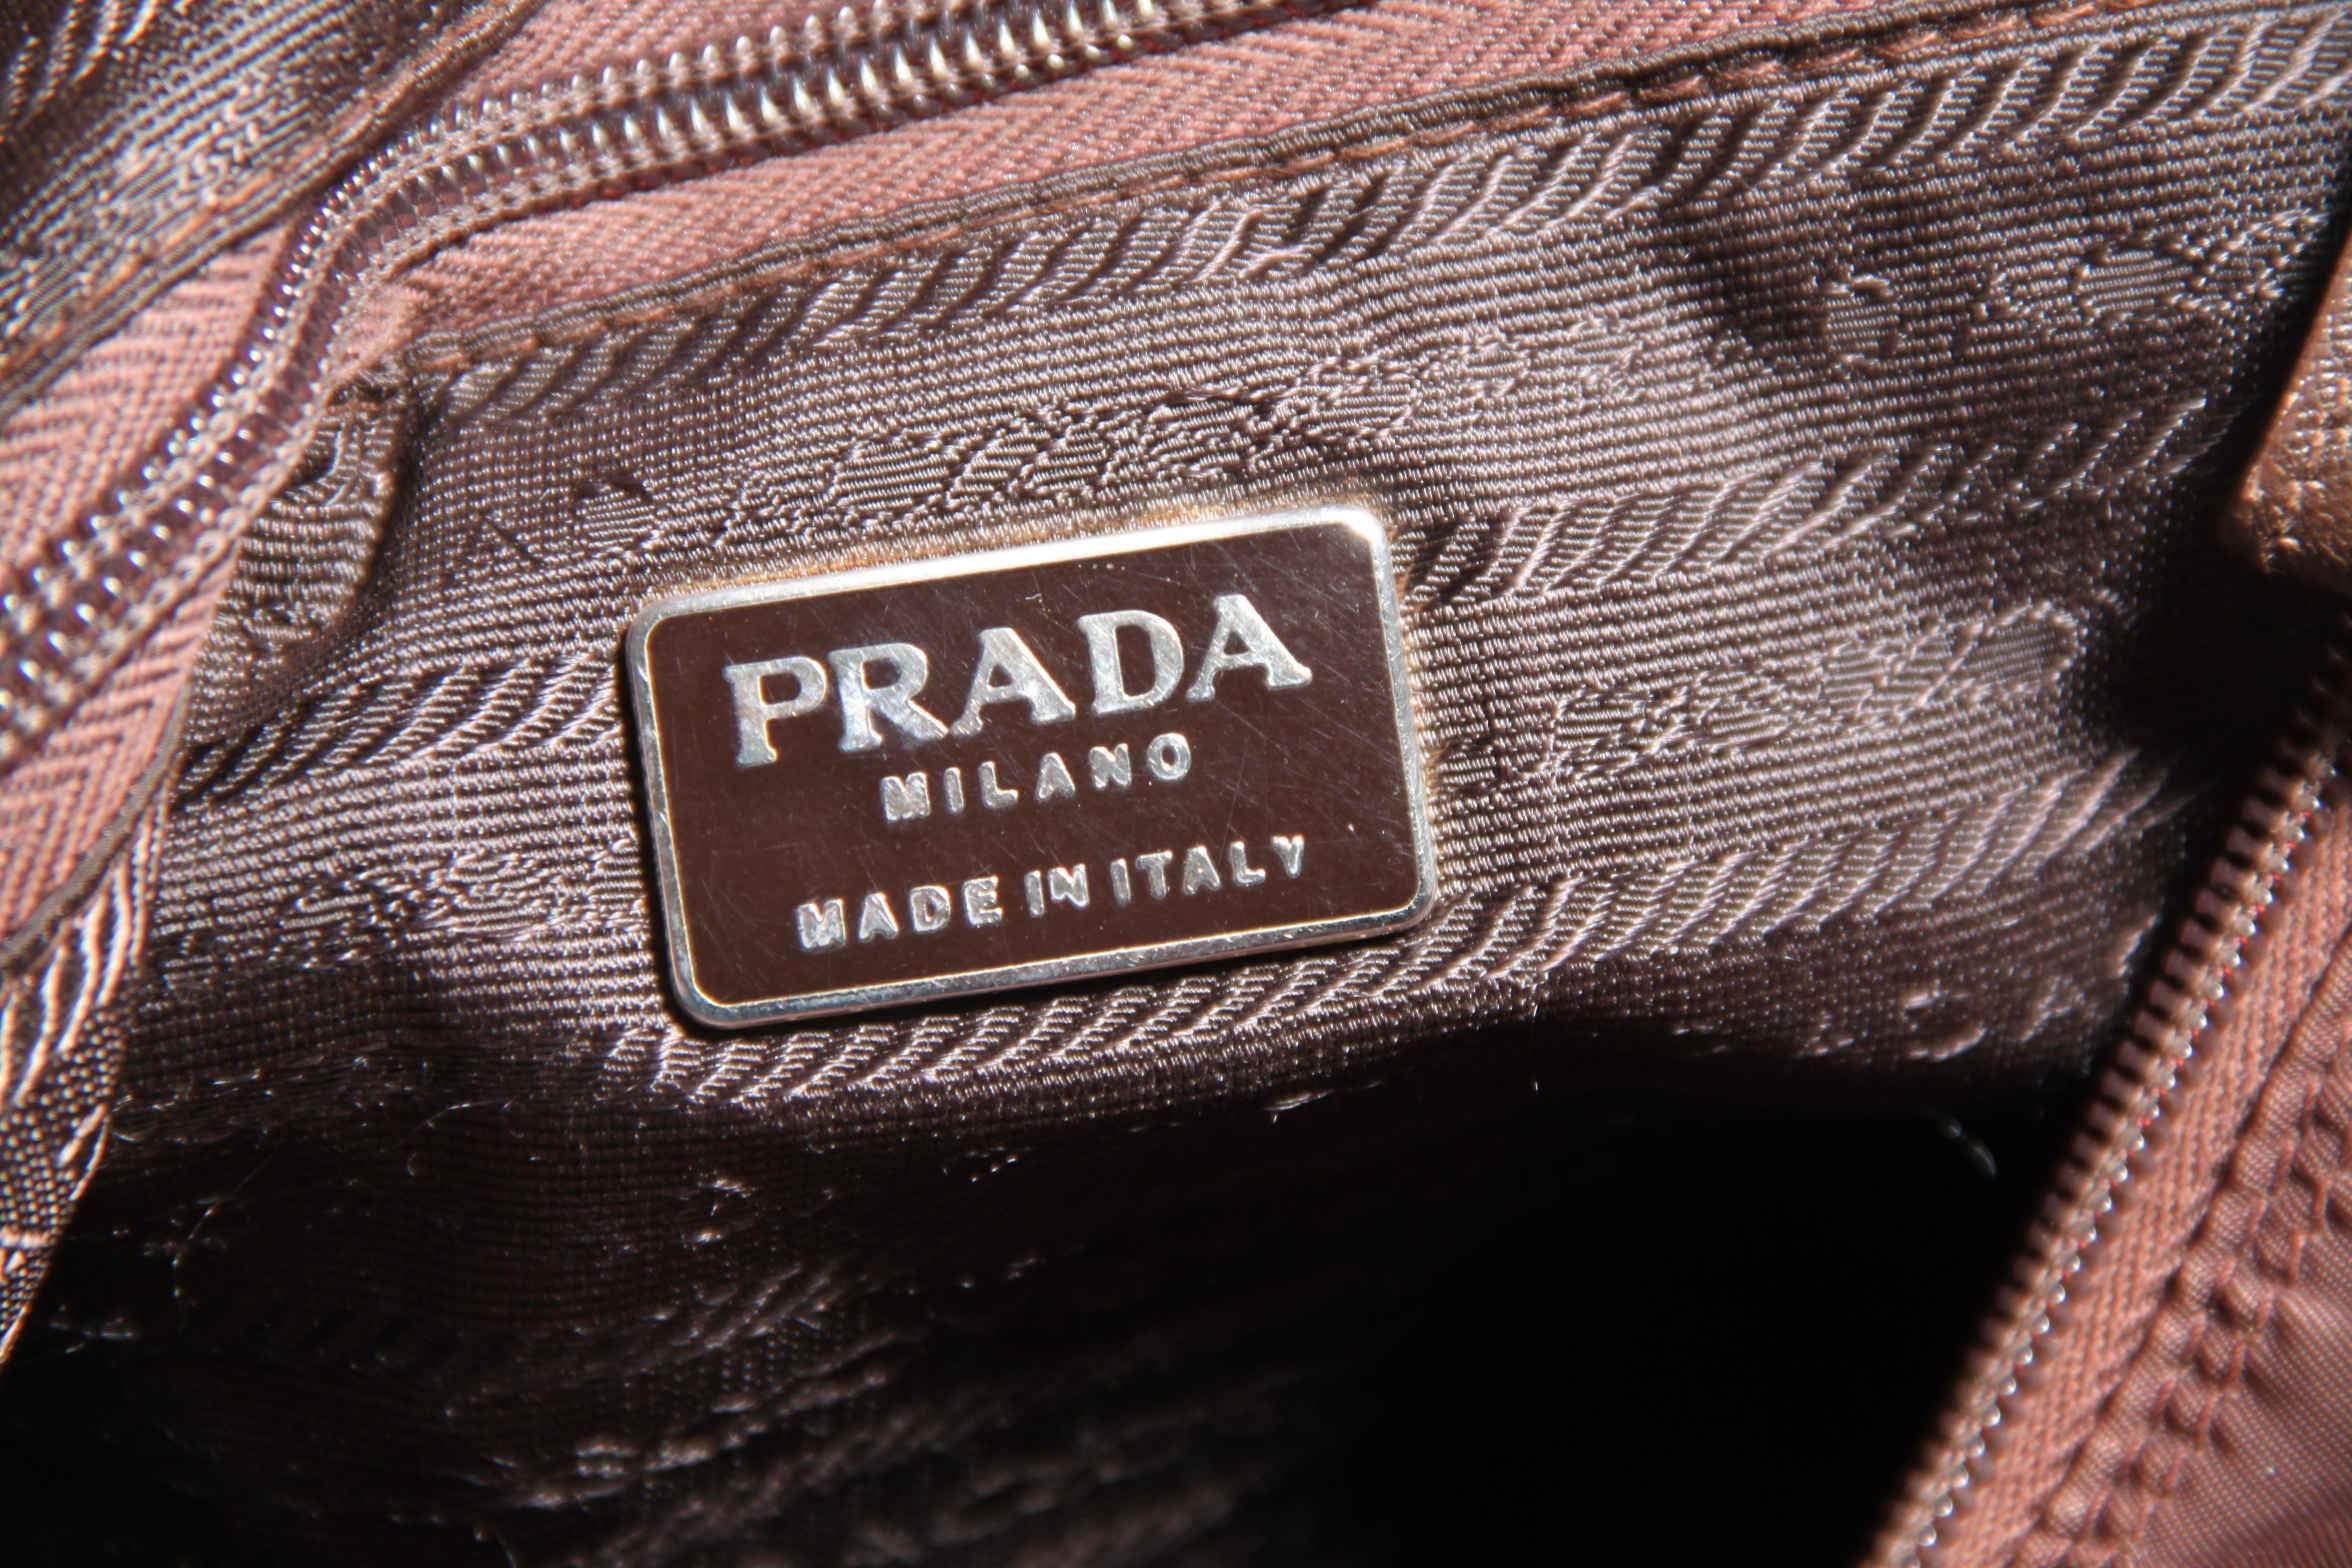 928c26375e3f Prada: logos, shapes and details , a close look - VintageMania